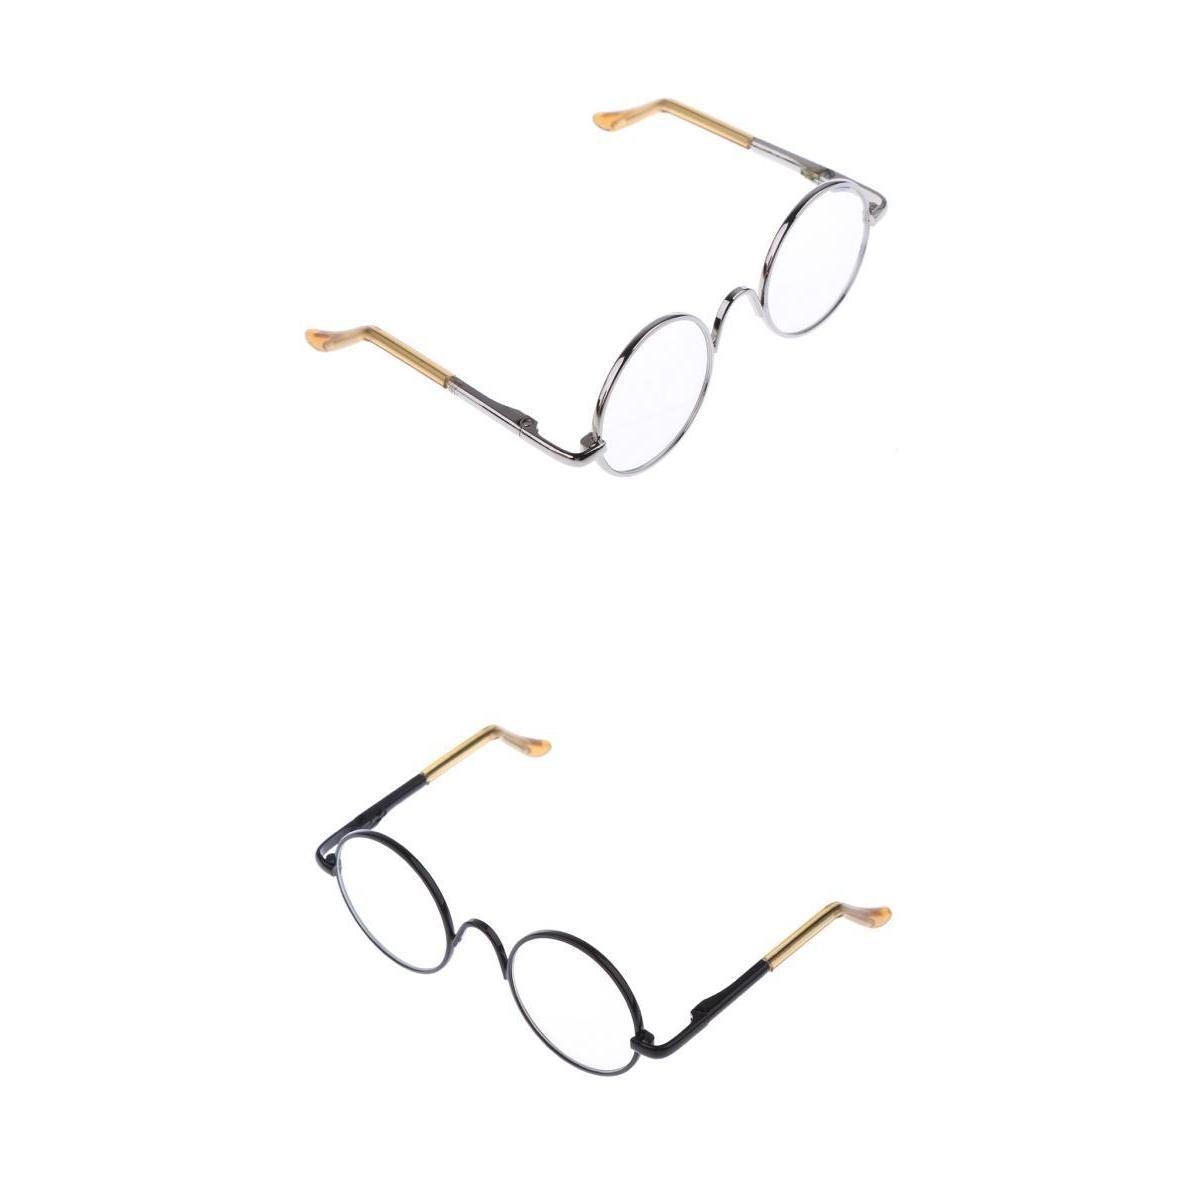 P Prettyia 2 Paar Miniatur Brillen Gl/äser mit runde Metallrahmen f/ür 12 Zoll Puppe Kost/üm Zubeh/ör Silber /& Schwarz